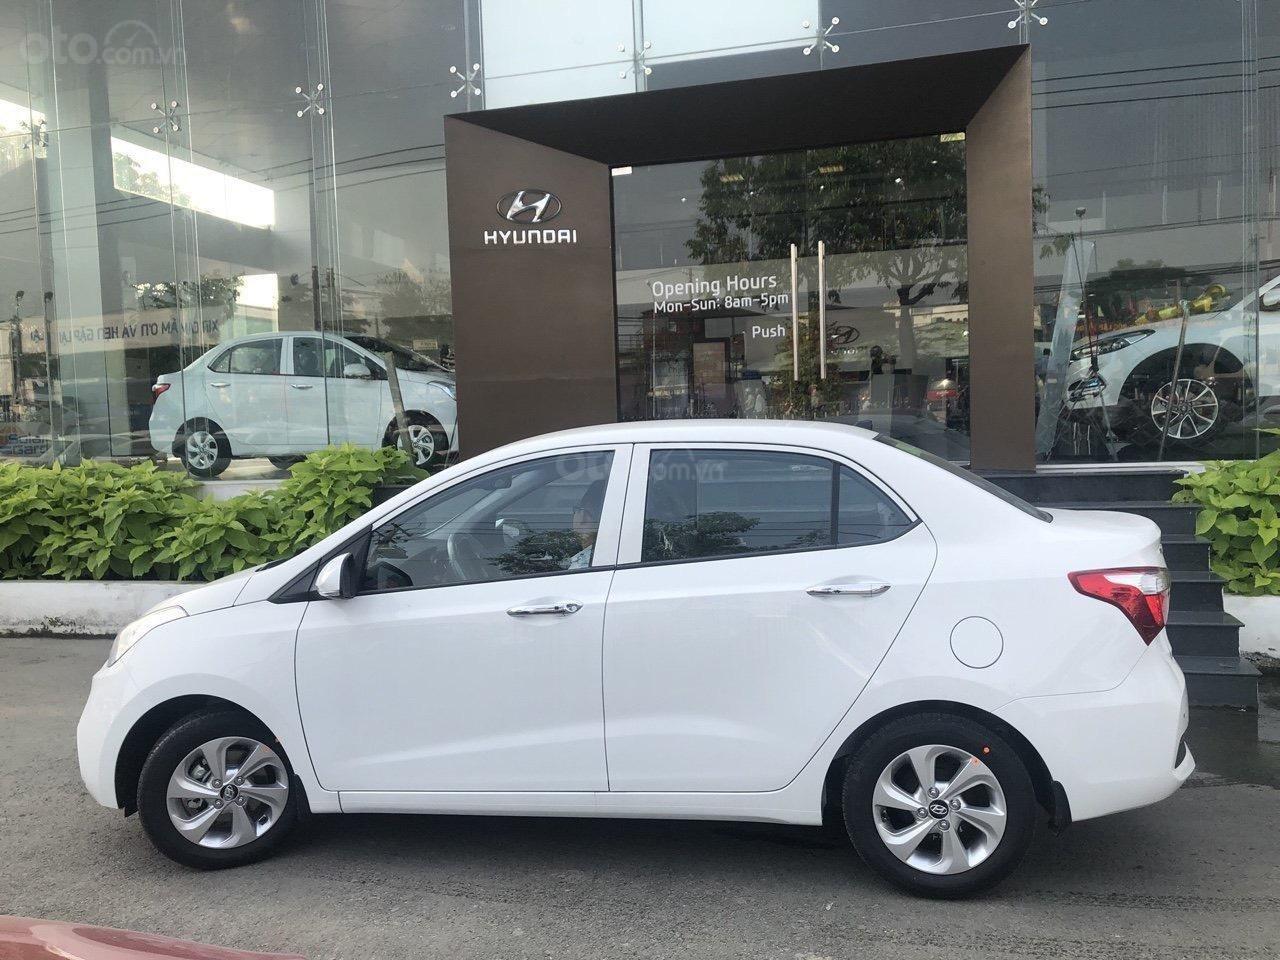 Cần bán xe Hyundai Grand i10 Sedan 2019, trả góp, giá tốt, giá cạnh tranh, giao ngay, khuyến mãi 25tr (2)